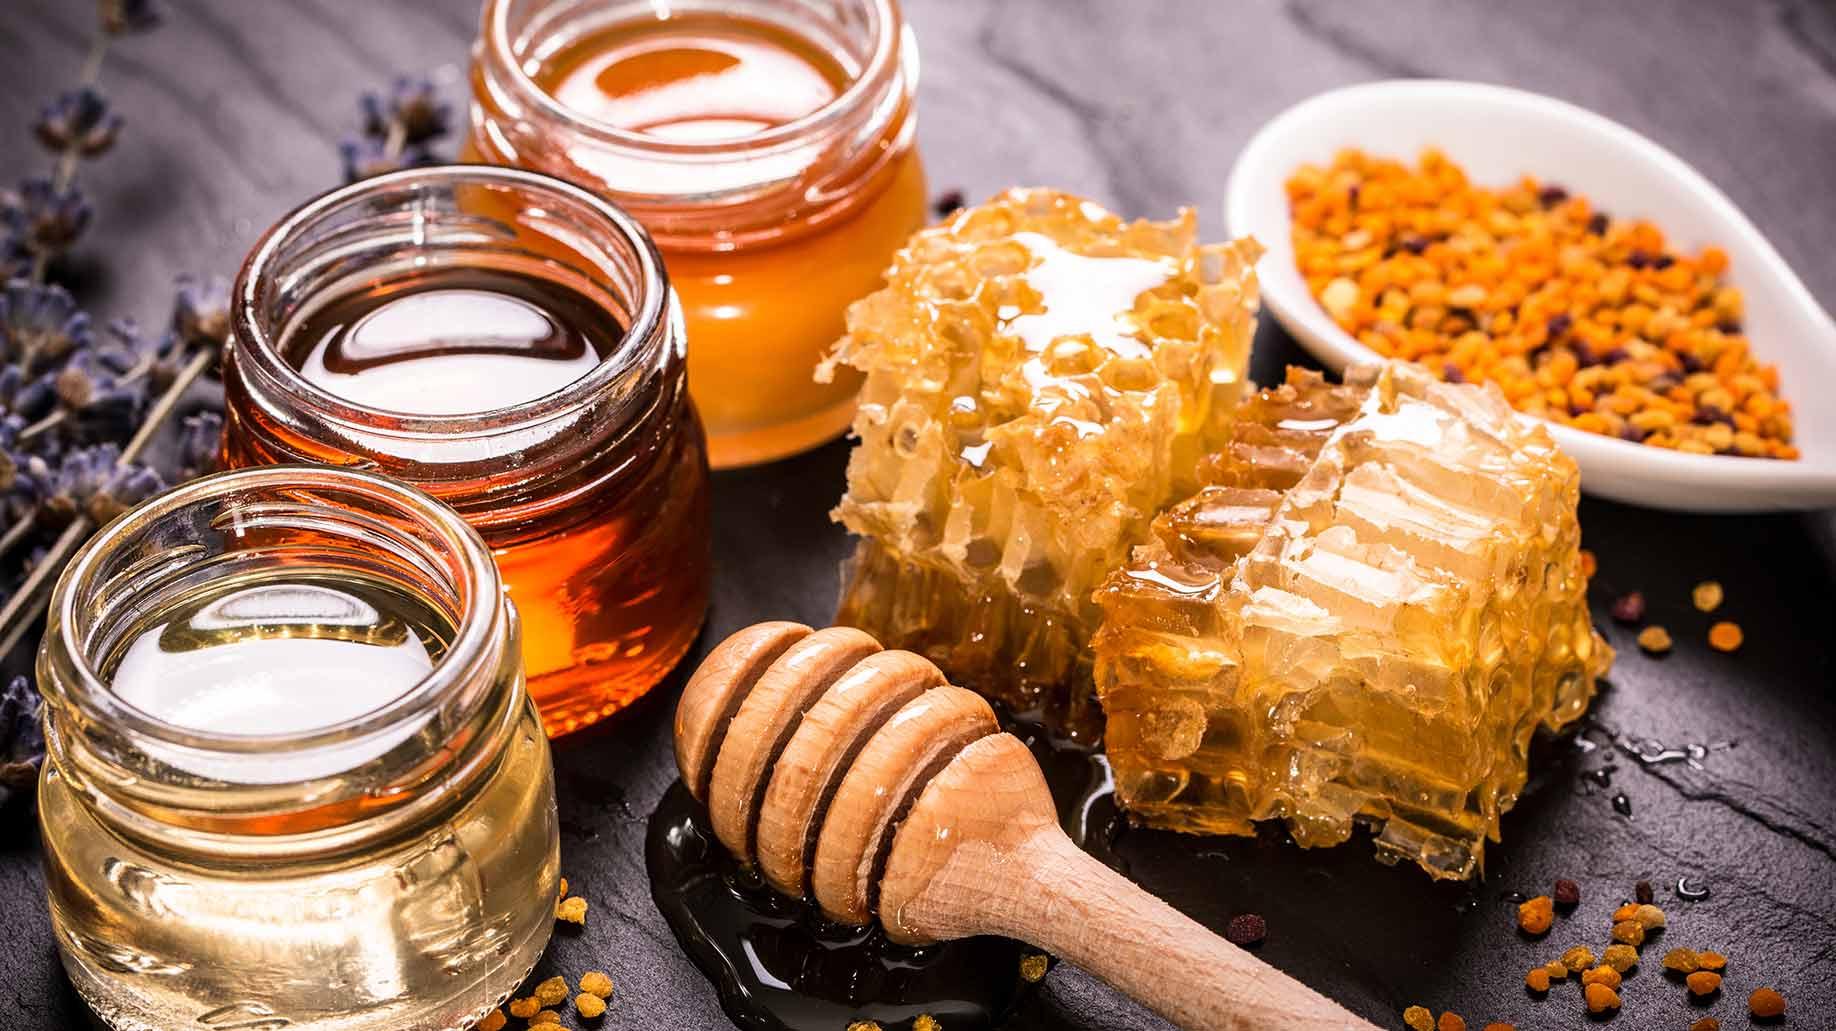 Remplacer le sucre blanc par des sucres naturels et non par des sucres artificiels s'avère être la meilleur solution. Les sucres naturels possèdent eux de nombreux antioxydants bénéfique pour notre corps alors que les sucres artificiels eux, possèdent de nombreux composés chimiques néfastes pour notre corps.